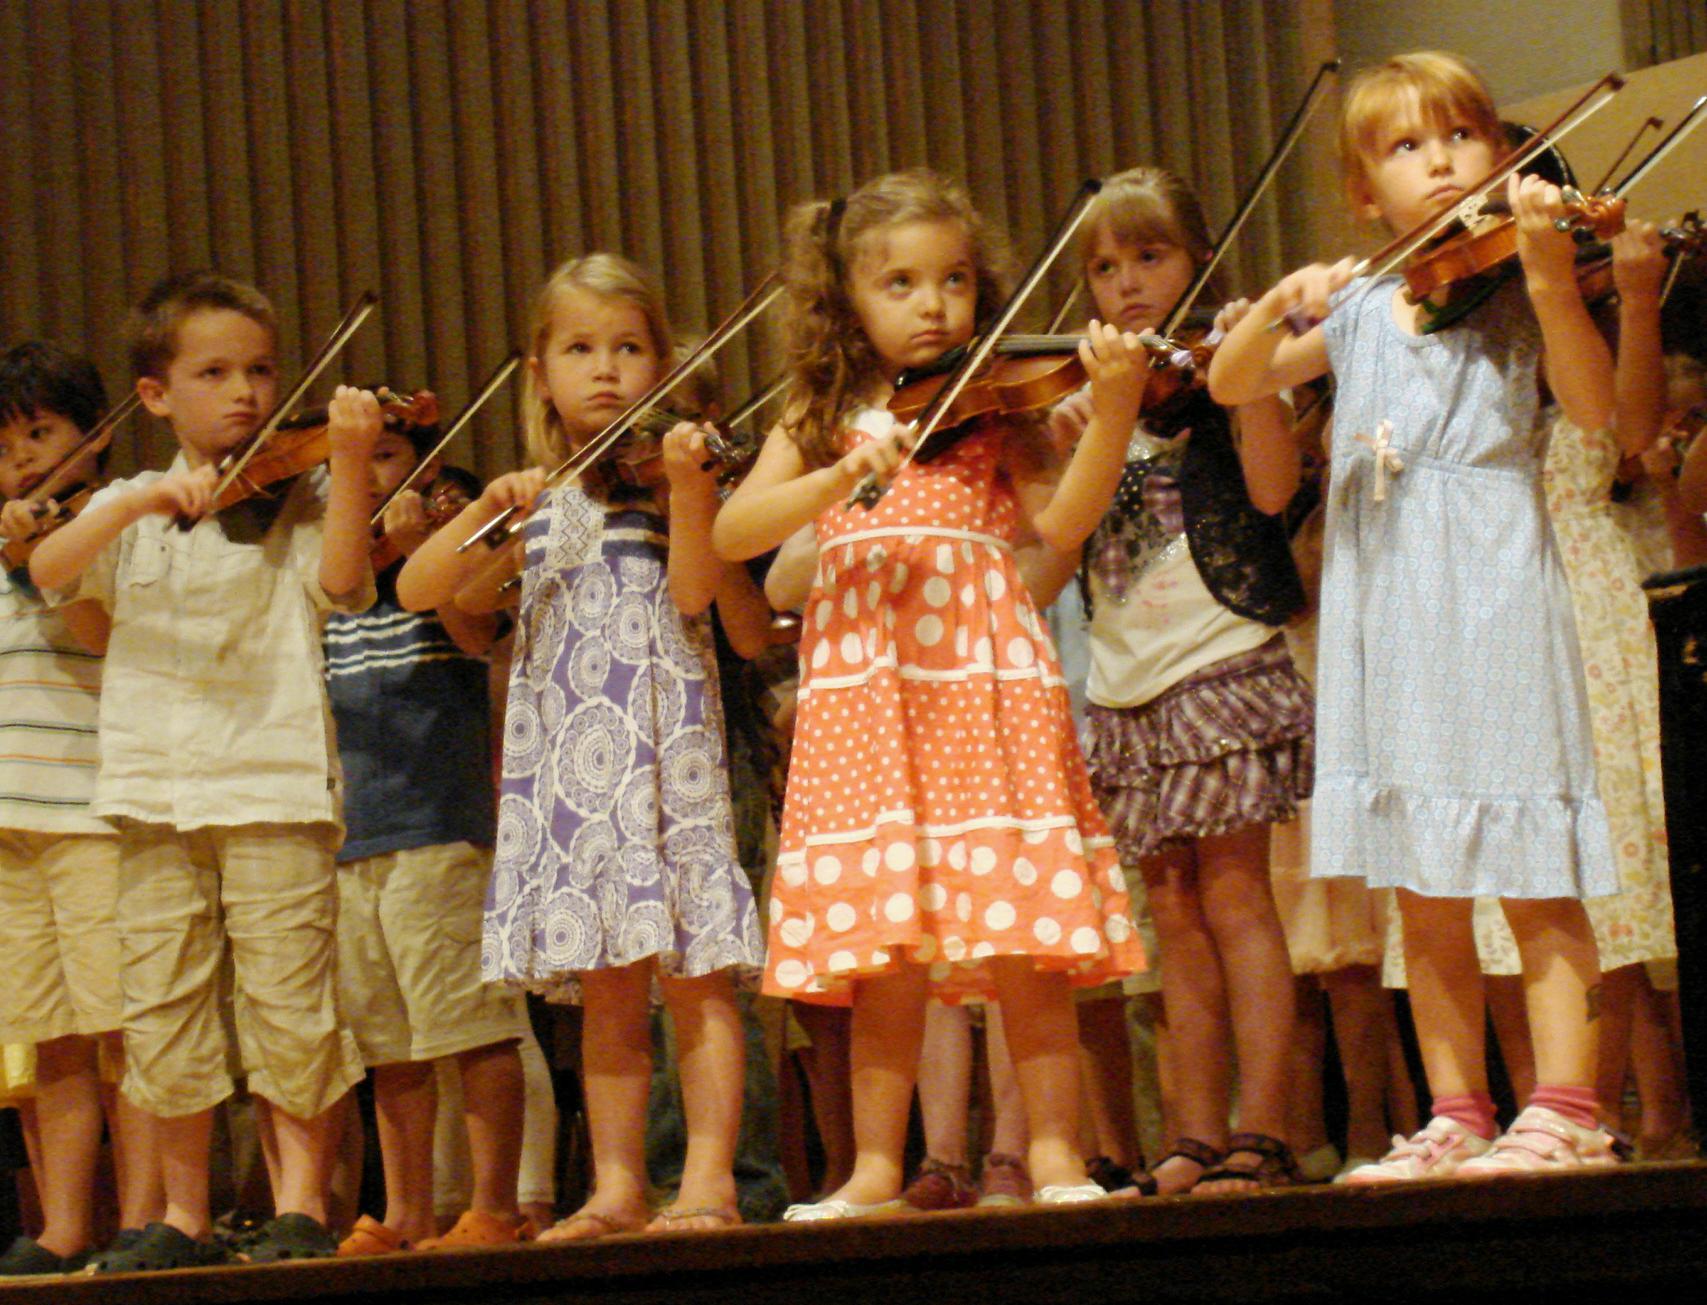 saaya suzuki 67p Children playing violin in a group recital at a Suzuki Institute (Stilfehler via Wikimedia Commons